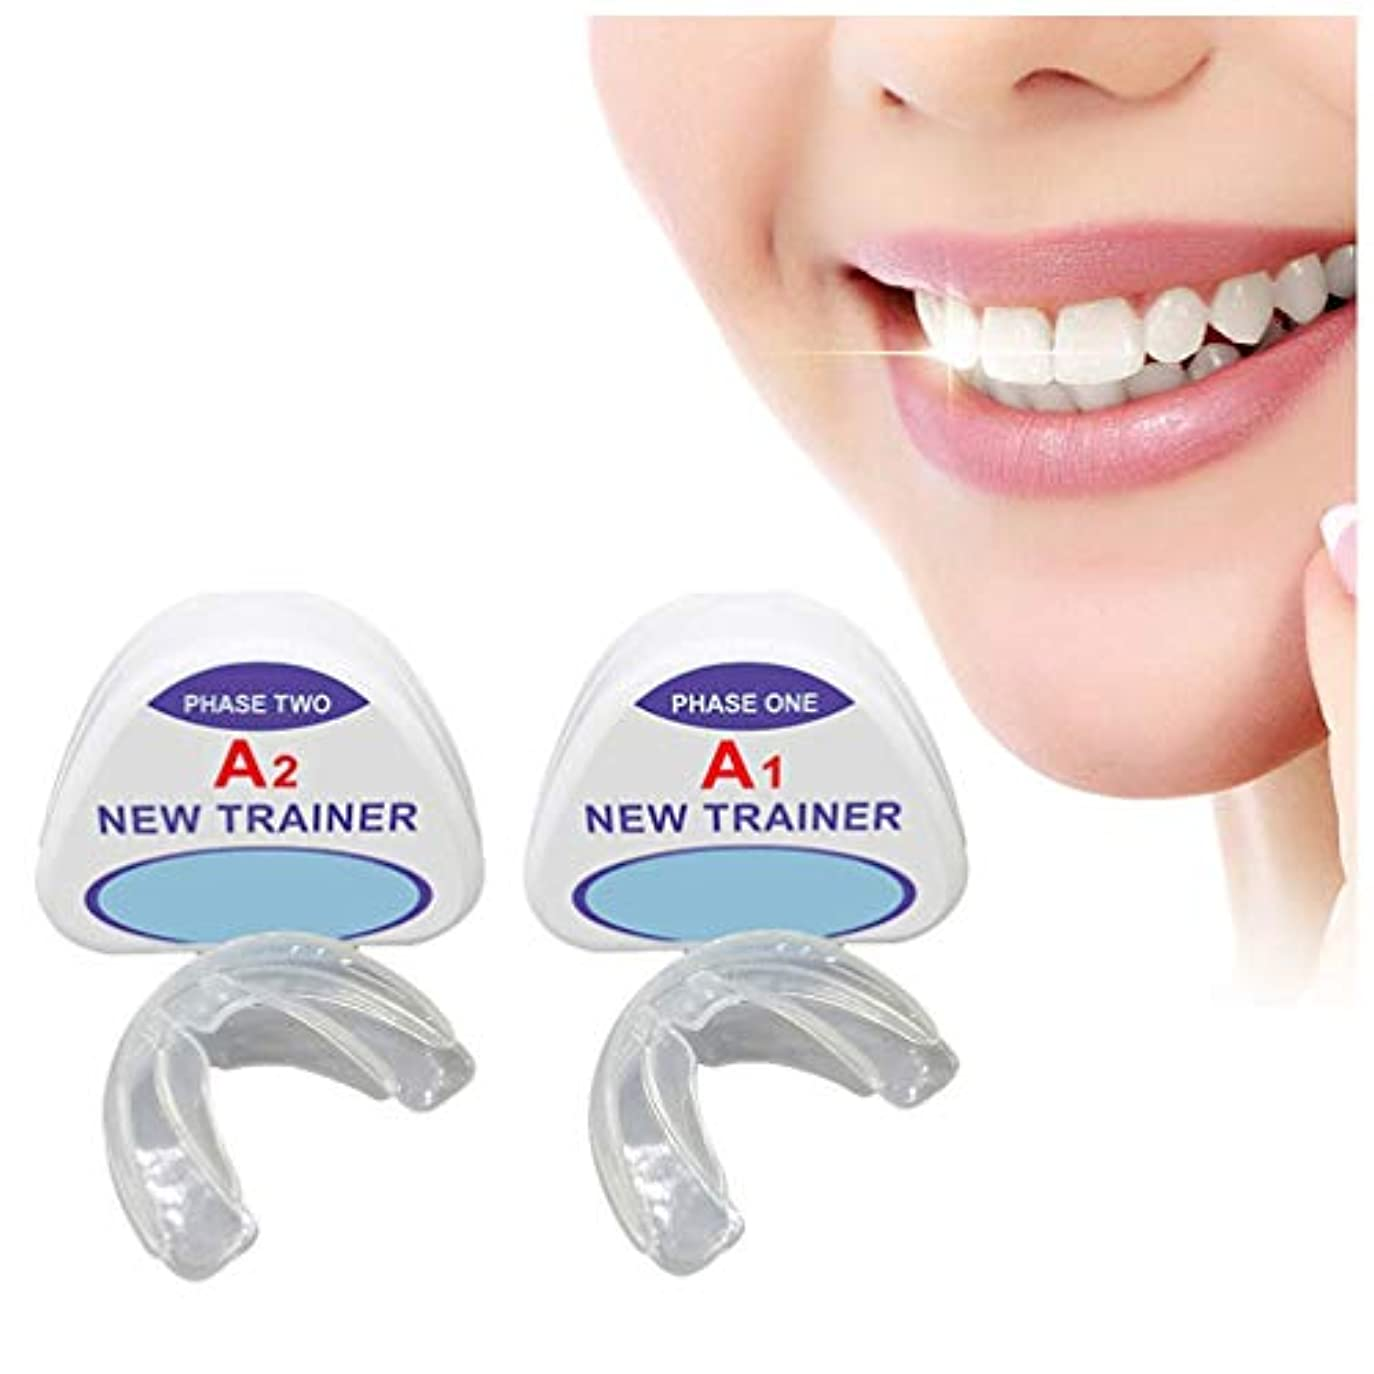 拷問名前を作る下向き歯列矯正トレーナーリテーナー、歯科用マウスガード歯列矯正器具、歯用器具夜予防臼歯ブレース